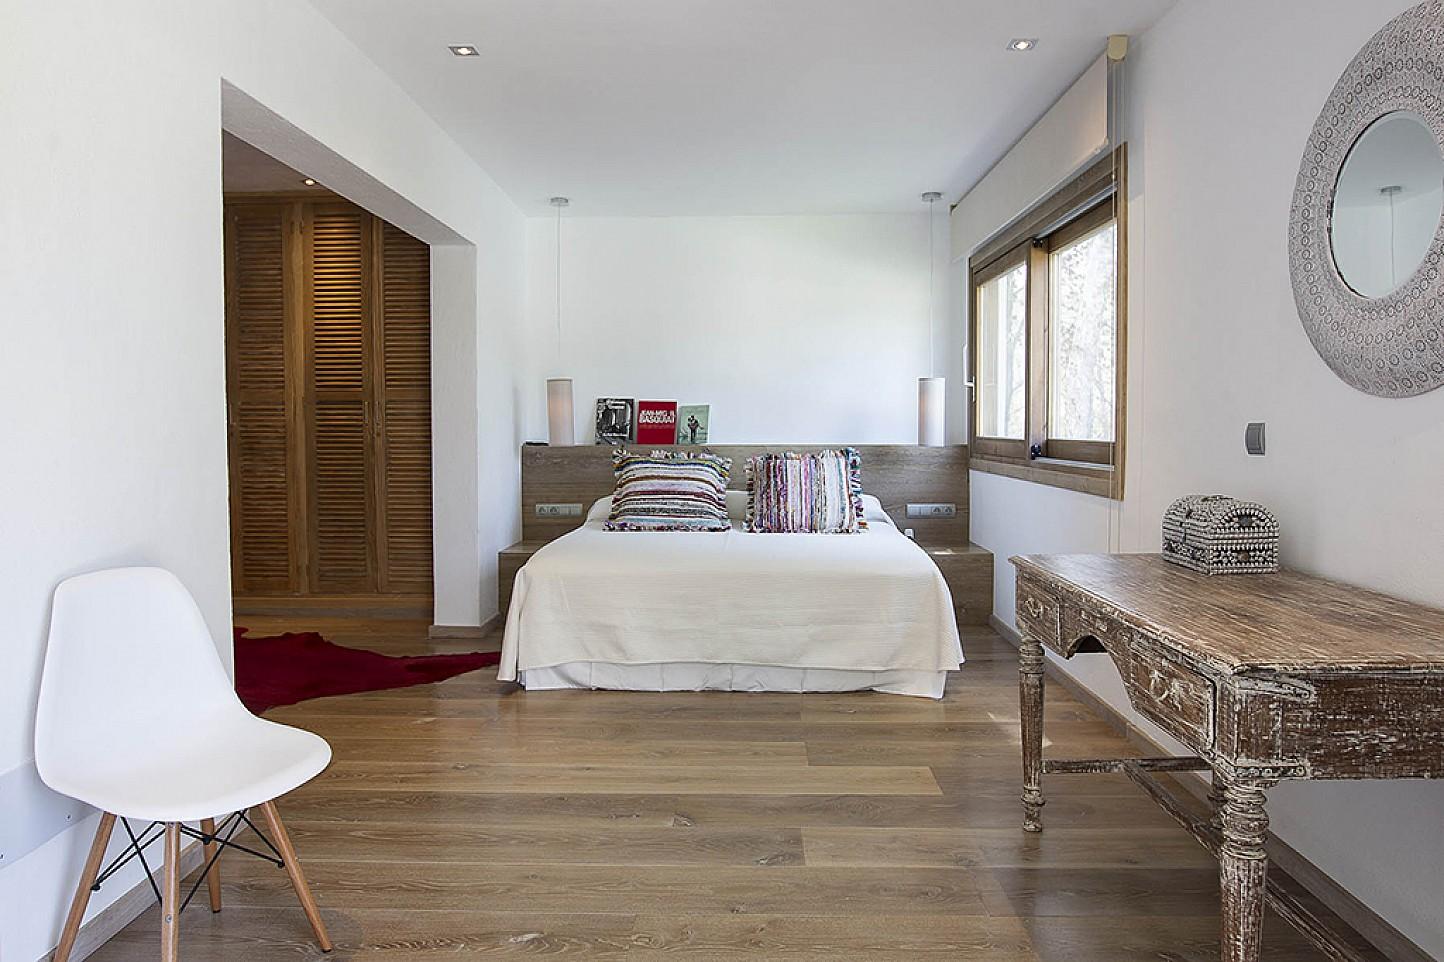 Dormitori 1 ampli i lluminós